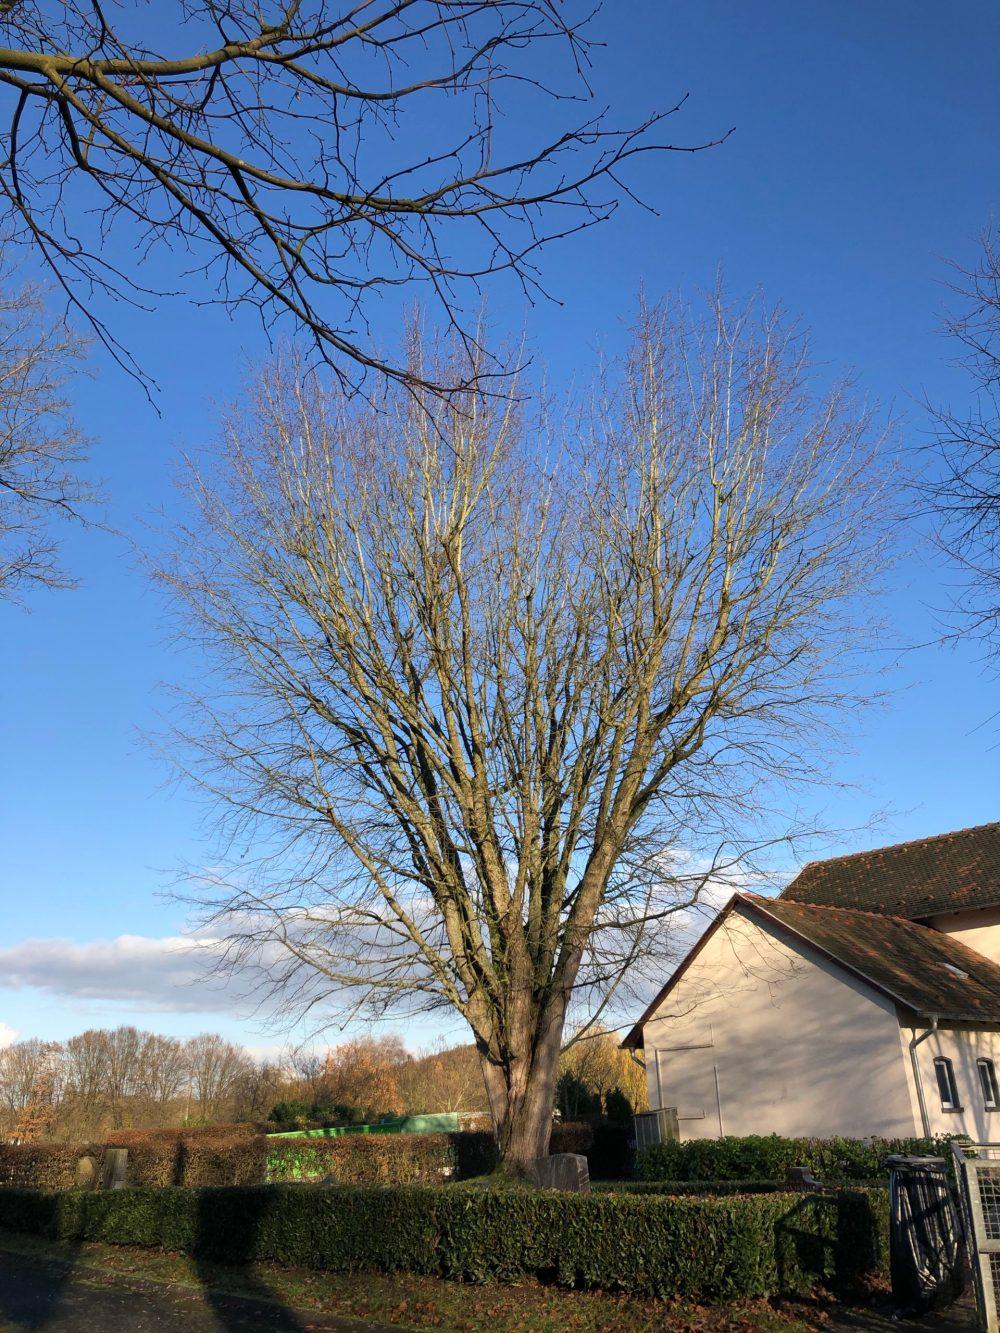 Ahorn Baum ohne Blätter in Form eines Herzes mit sehr vielen verzweigten Ästen vor blauem Himmel